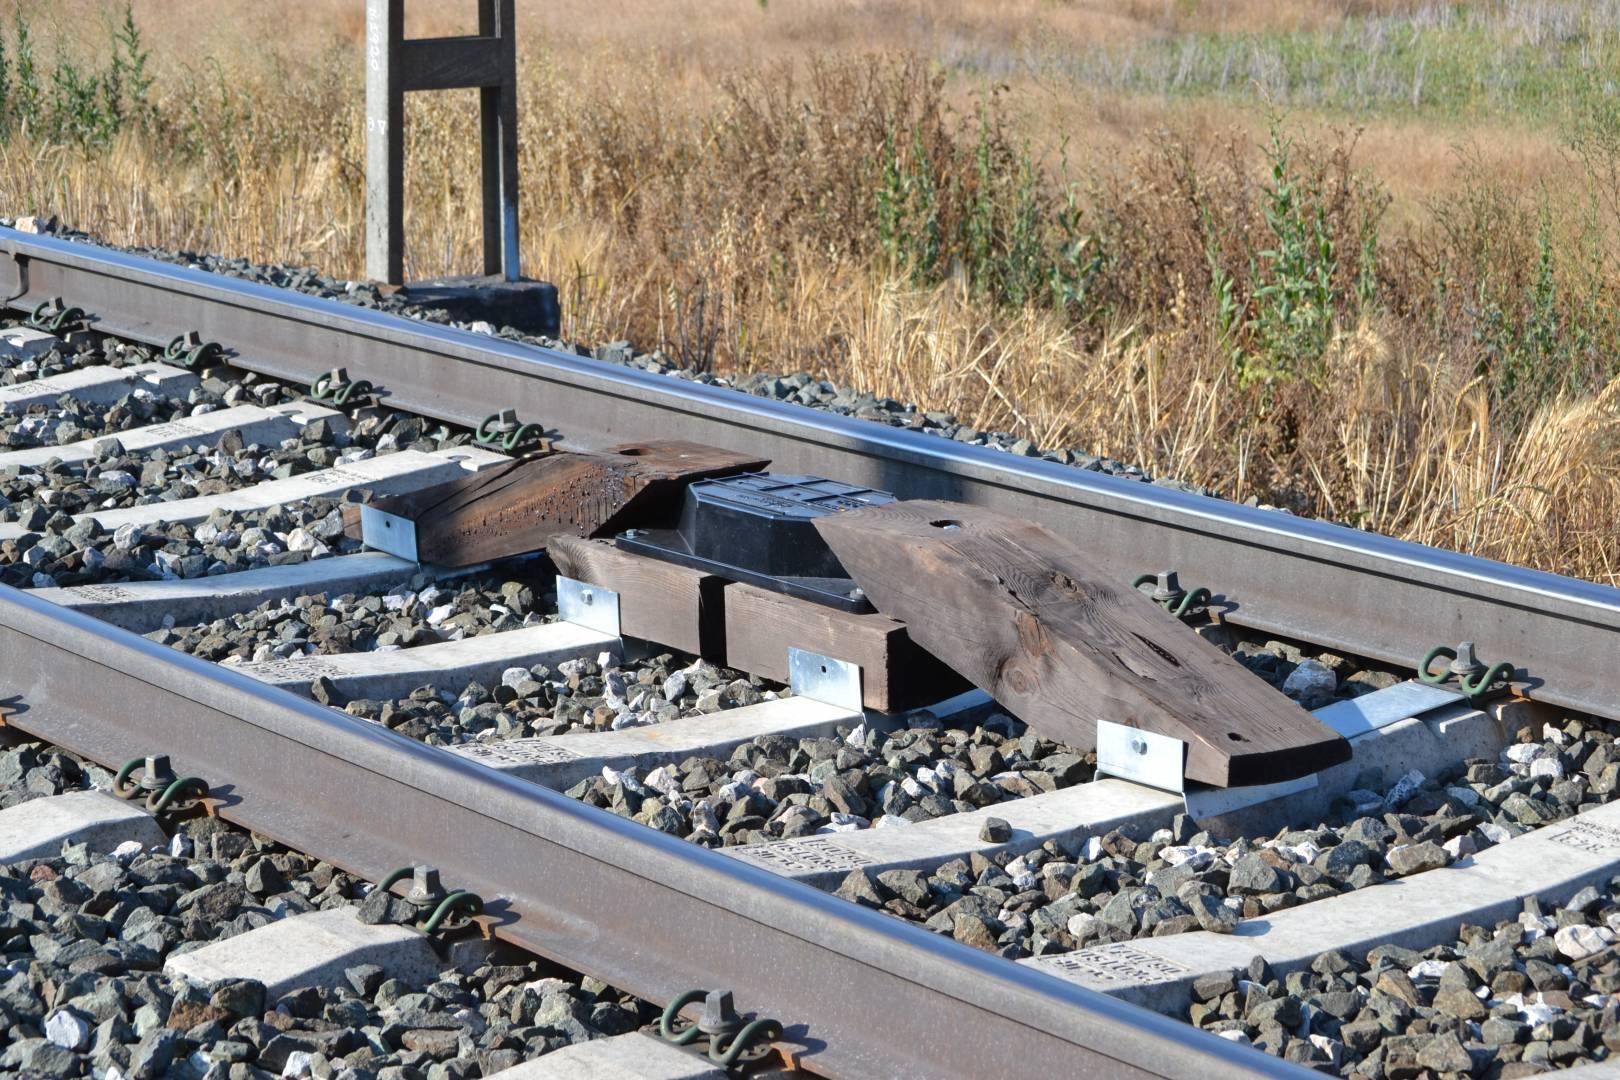 Baliza de ASFA digital, el elemento encargado de transmitir la orden al tren. Foto: Javier Díaz.